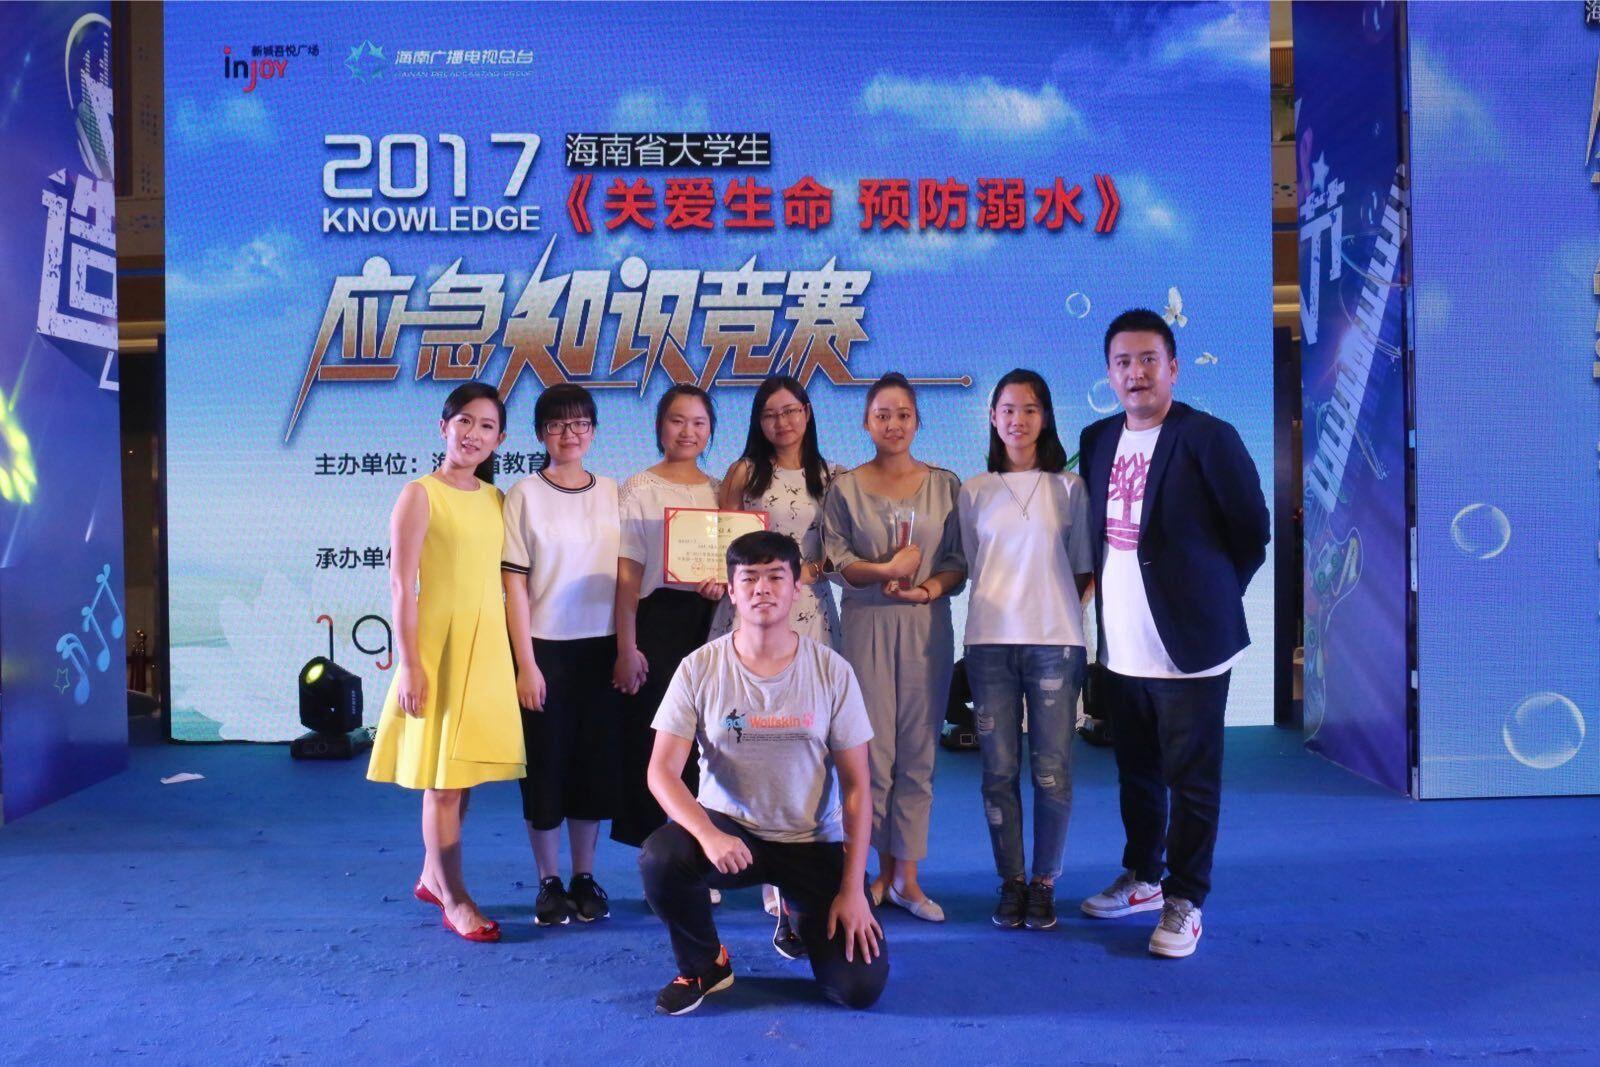 我校荣获2017年海南省大学生应急知识竞赛第一名